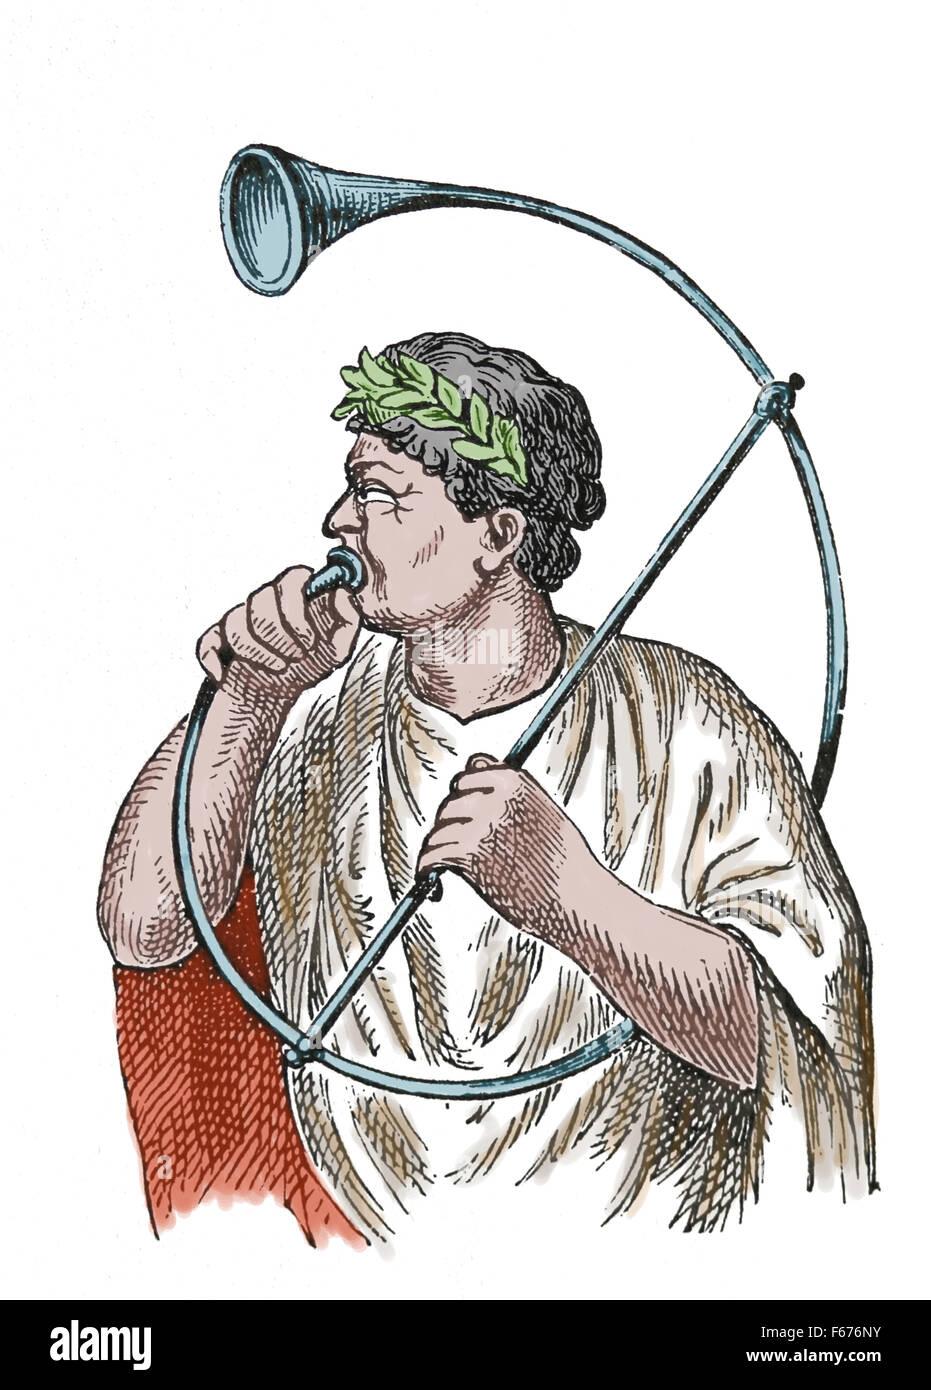 Instrumento musical militar romano. La Cornu. Grabado. Siglo xix. Color. Imagen De Stock